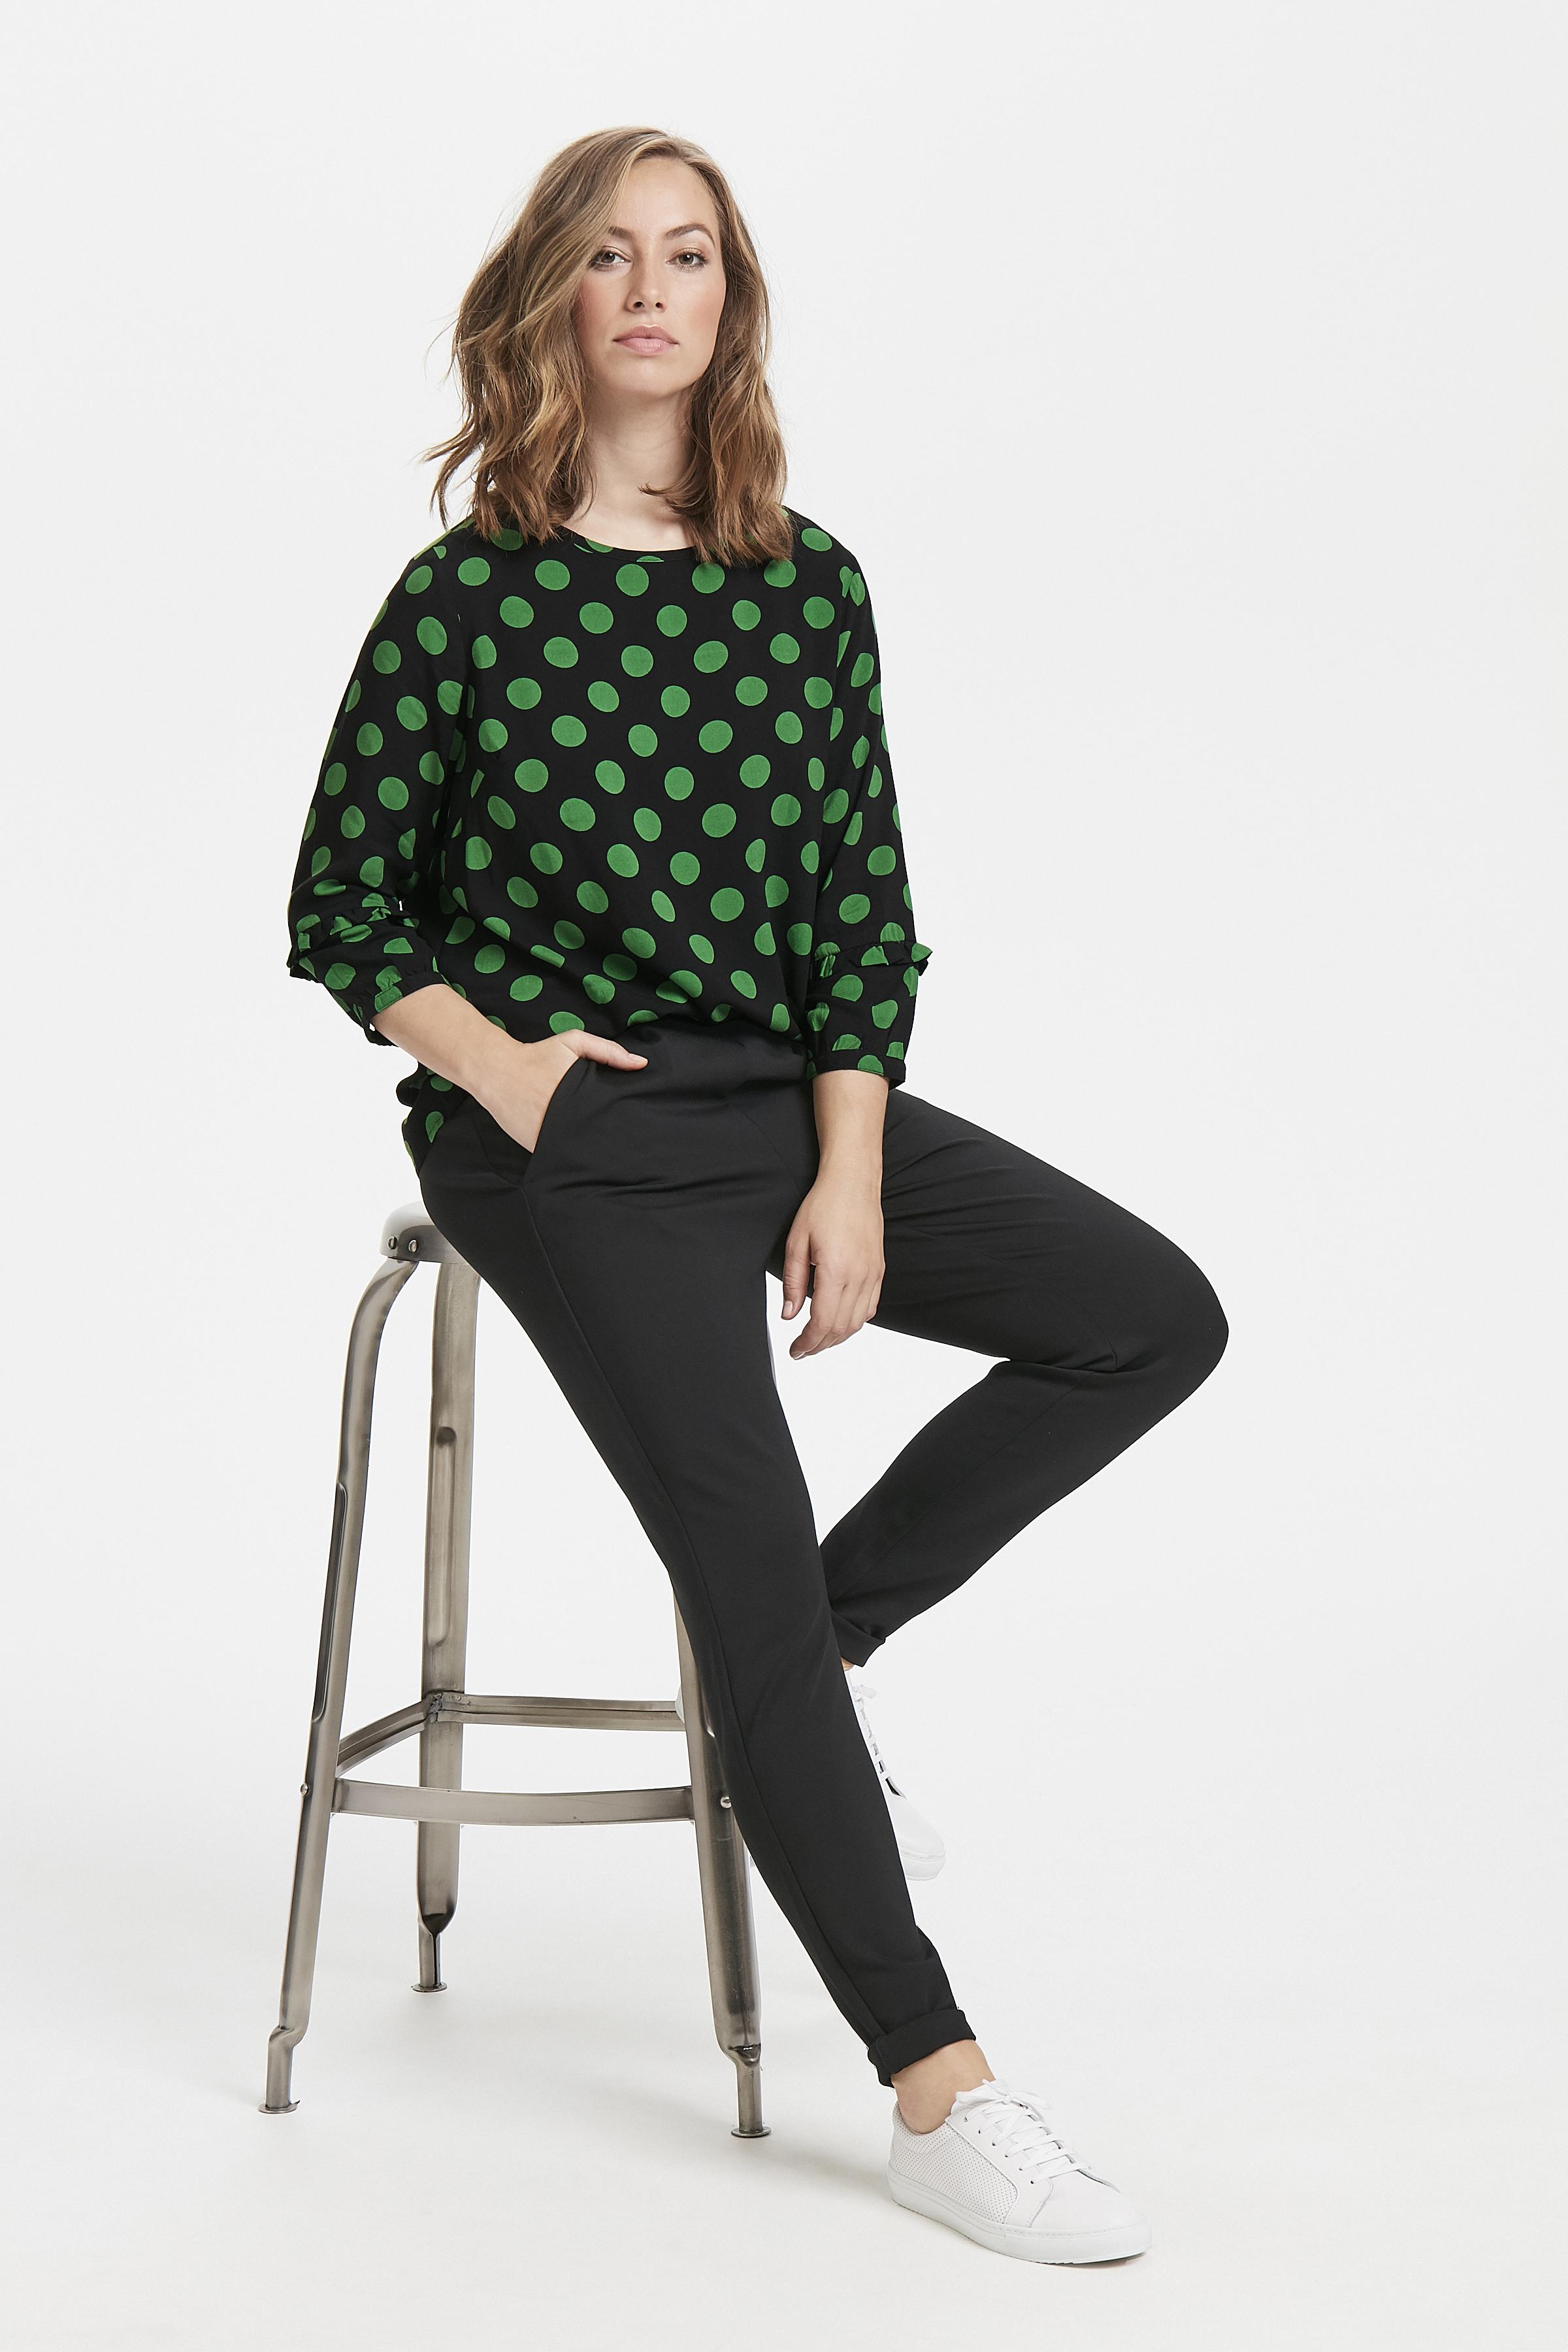 Schwarz/dunkelgrün Kurzarm-Bluse von Fransa – Shoppen Sie Schwarz/dunkelgrün Kurzarm-Bluse ab Gr. XS-XXL hier